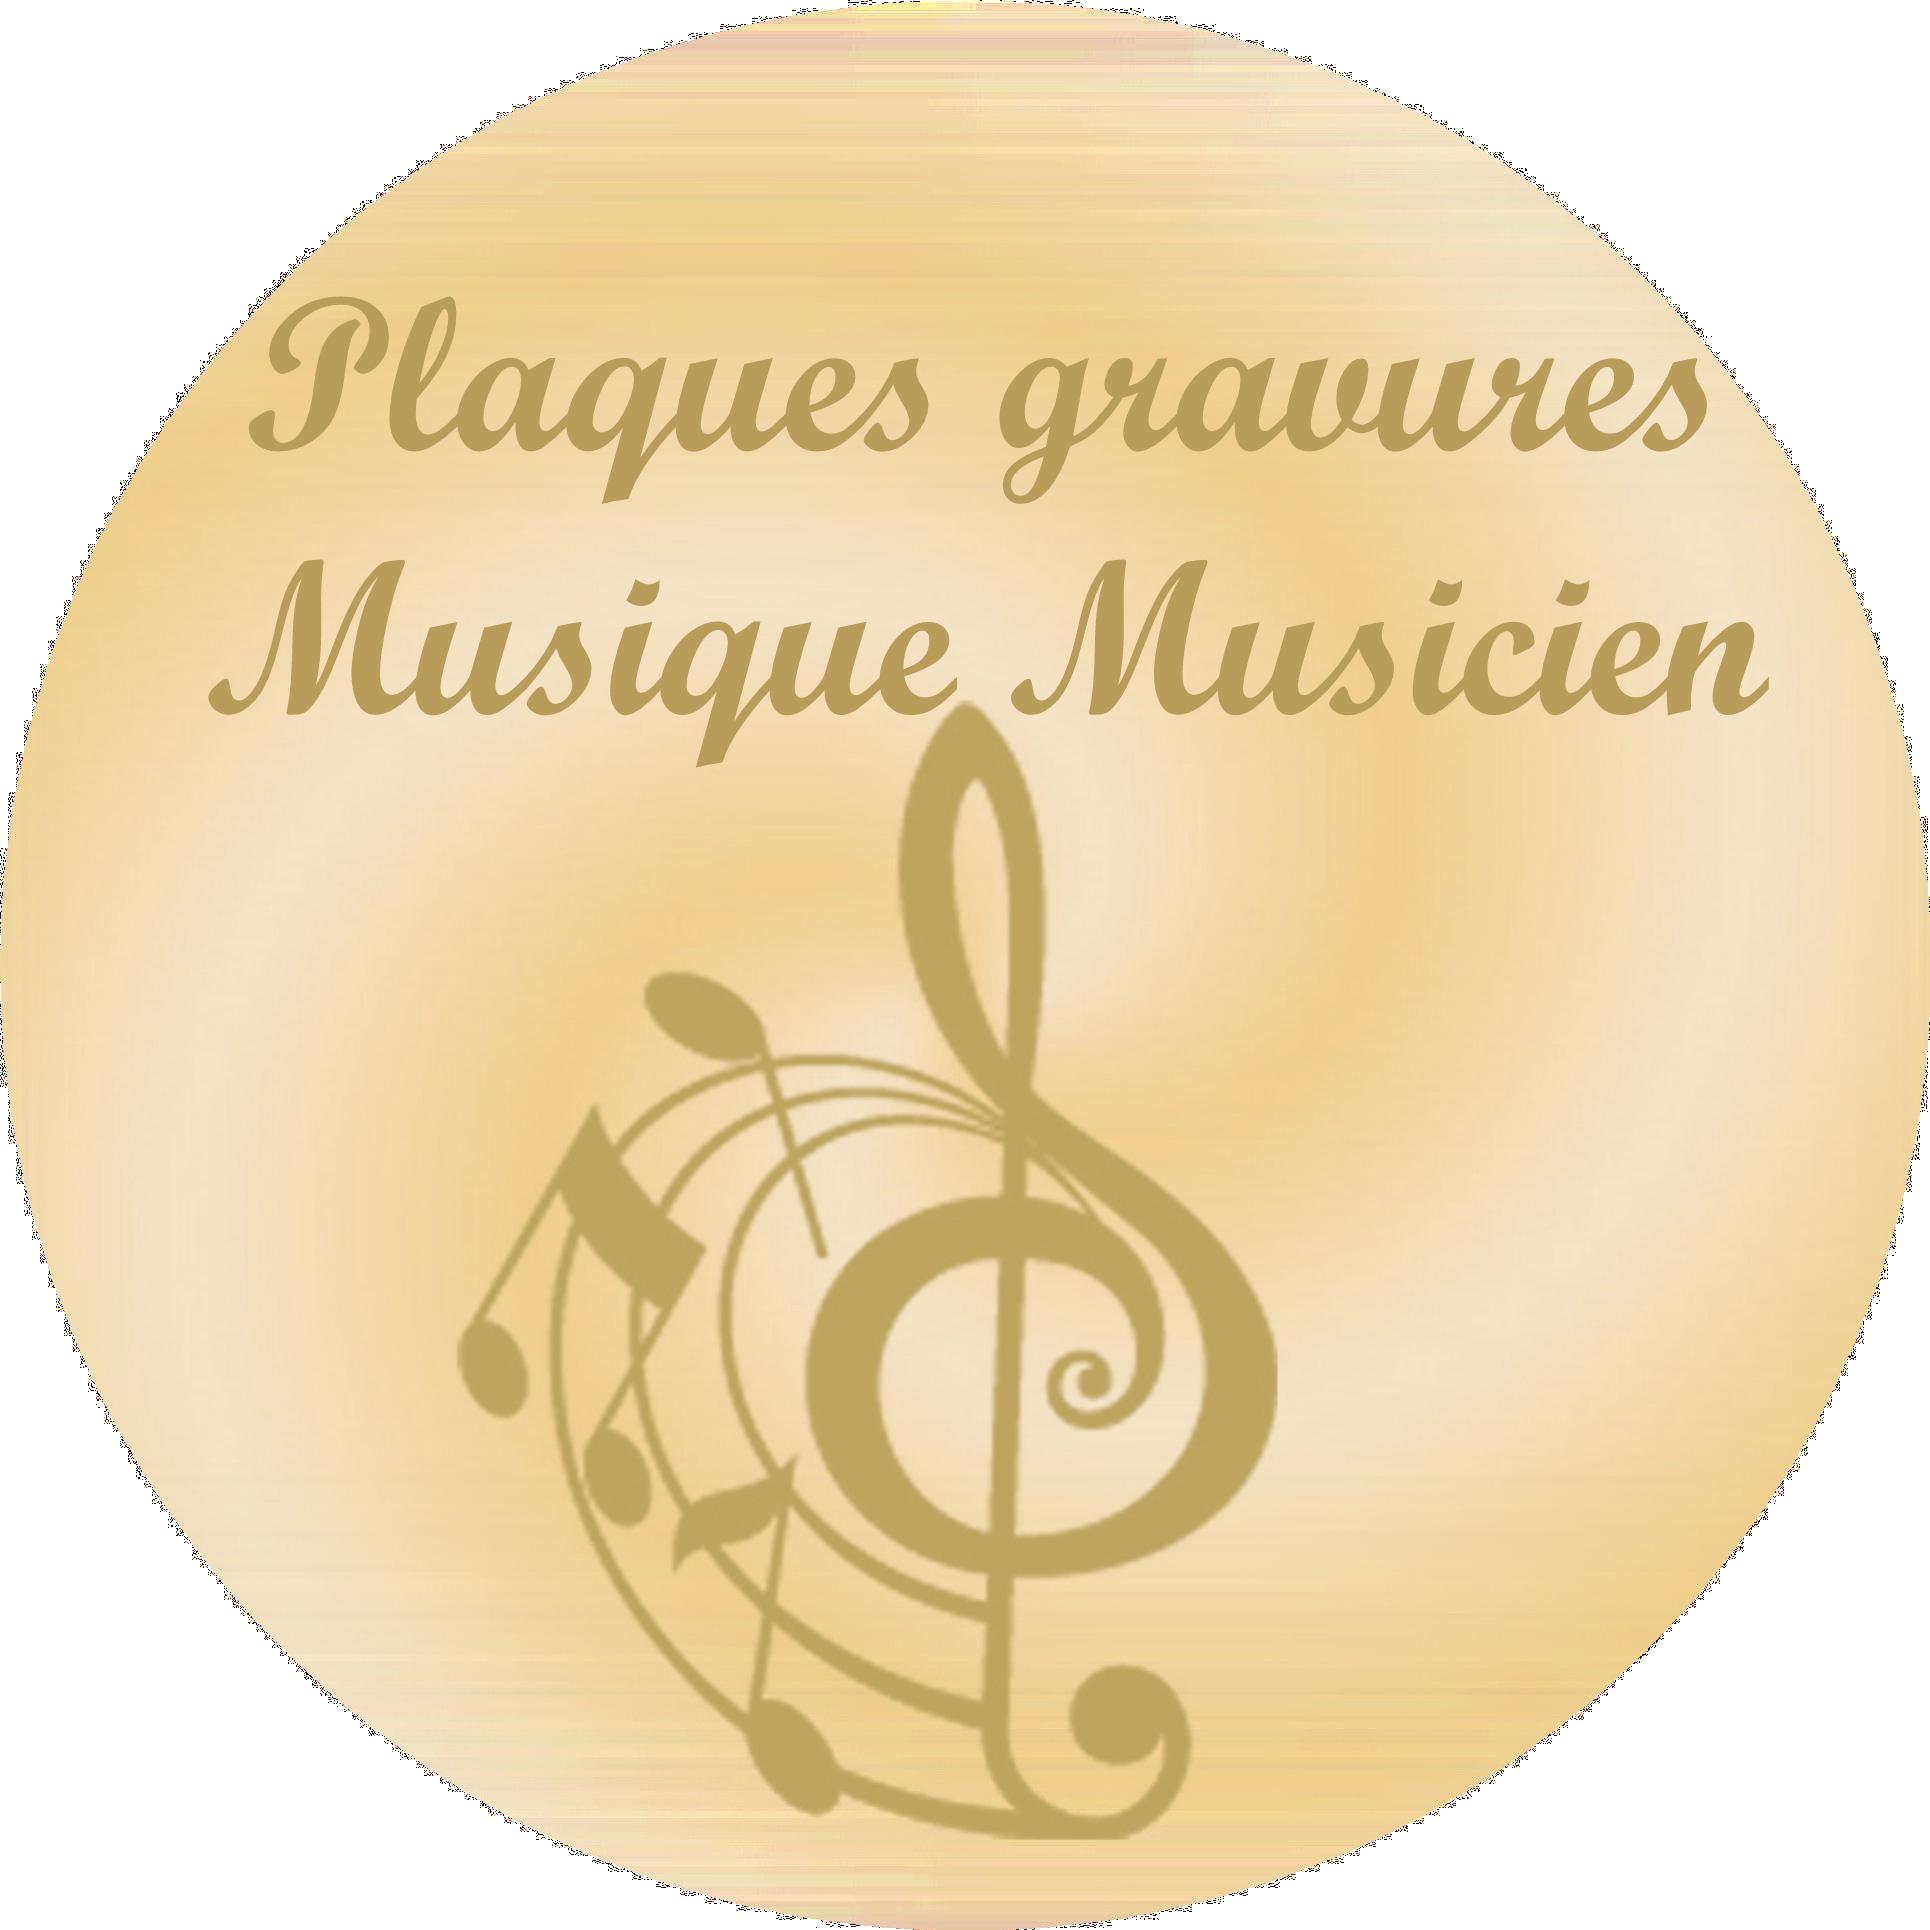 Musique Musicien - Plaques funéraires gravées or